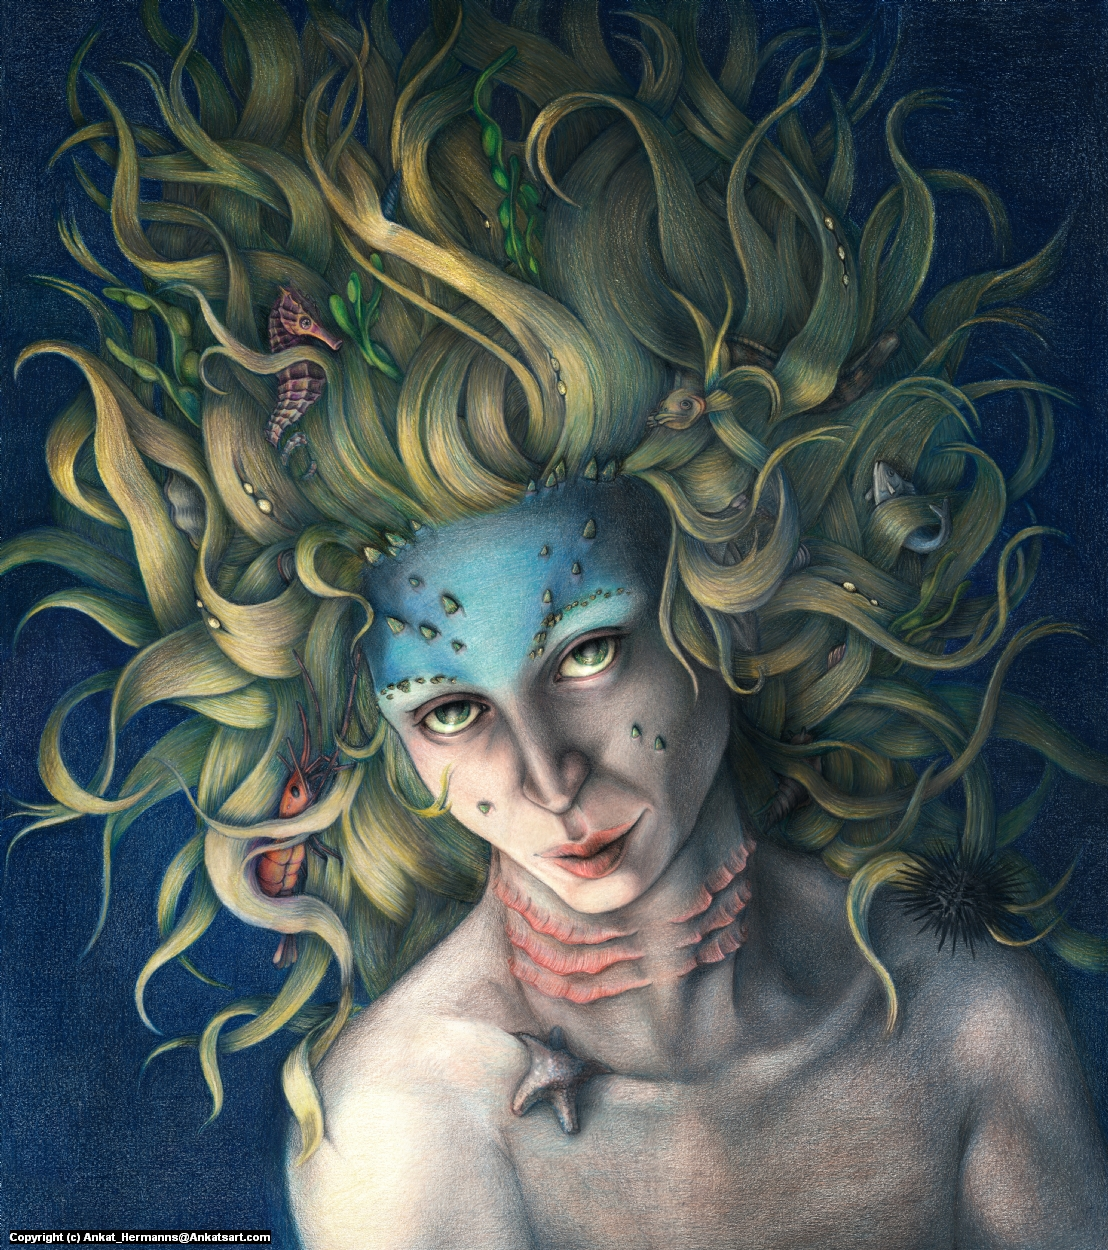 Under the sea Artwork by Anne-Katrin Hermanns